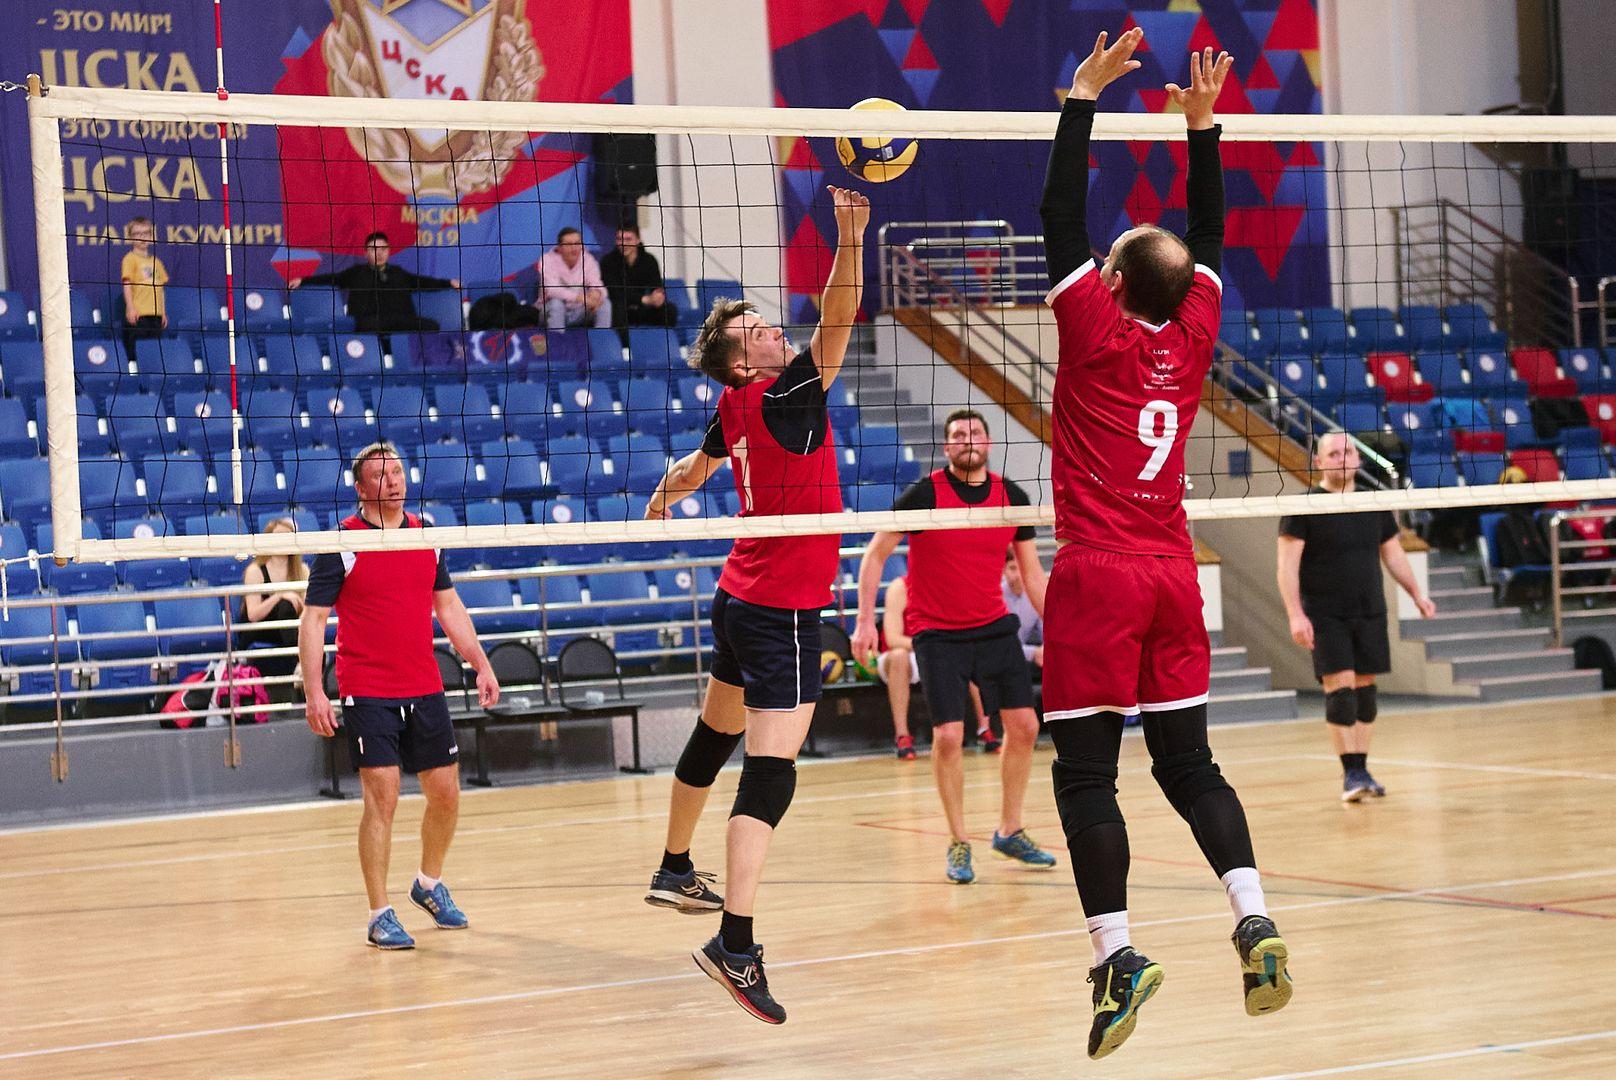 В Москве стартует осенний сезон Волейбольной Лиги «Трудовые Резервы» для корпоративных команд